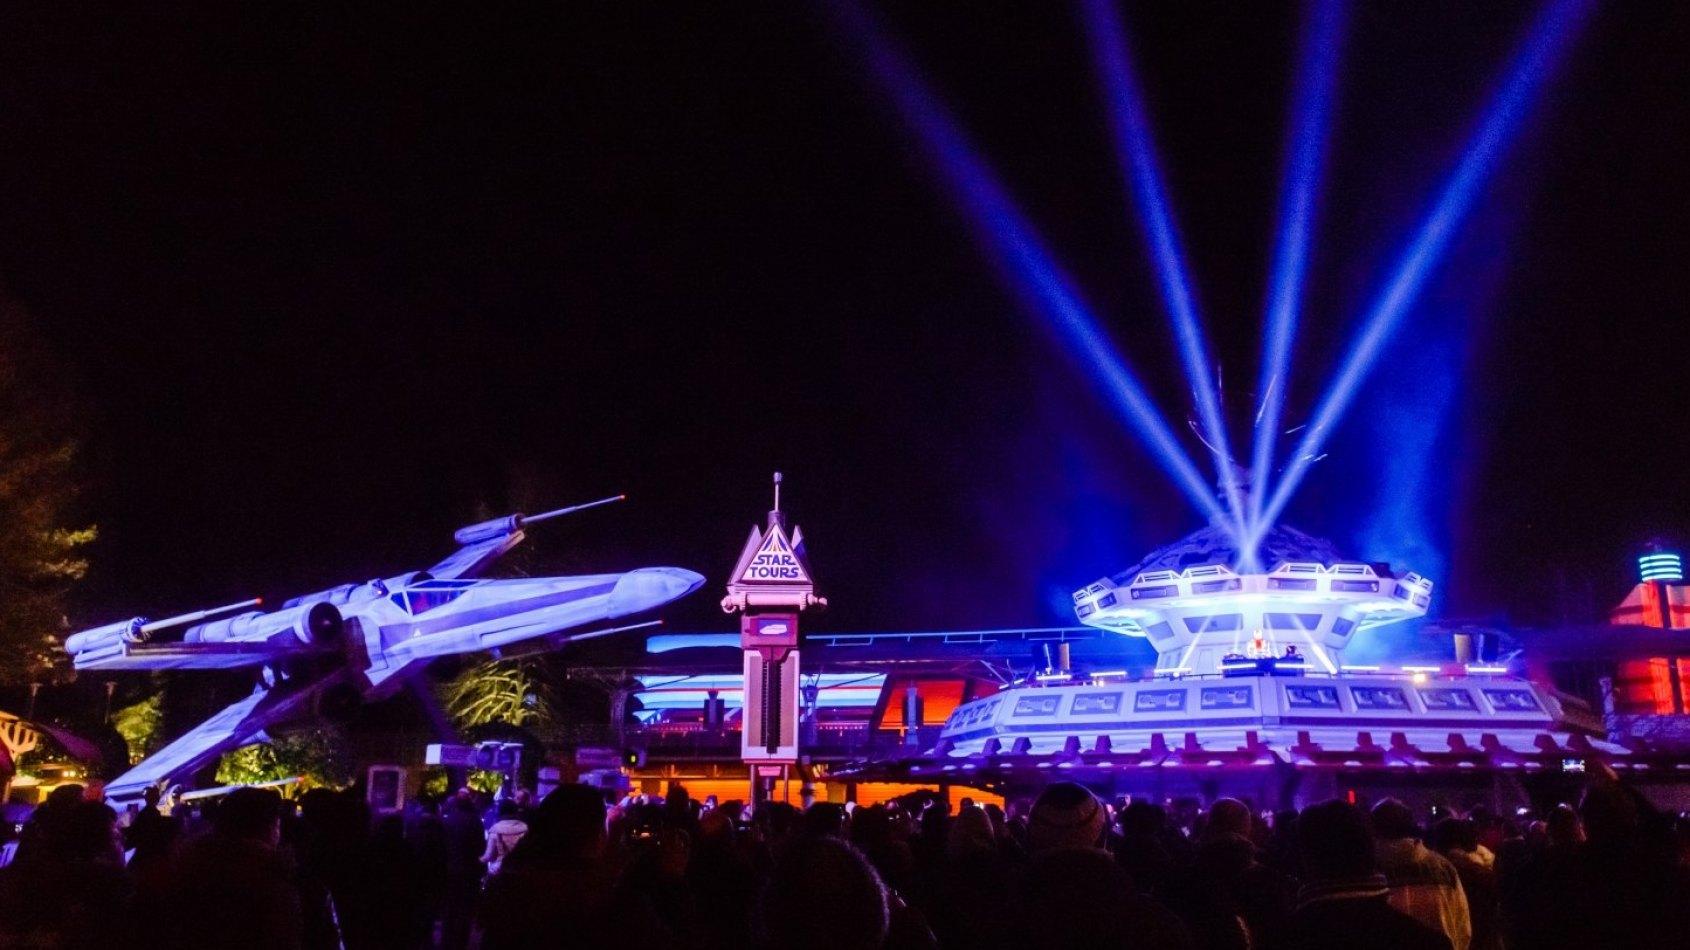 Les Photos du Dernier Appel pour l'Endor Express à Disneyland Paris